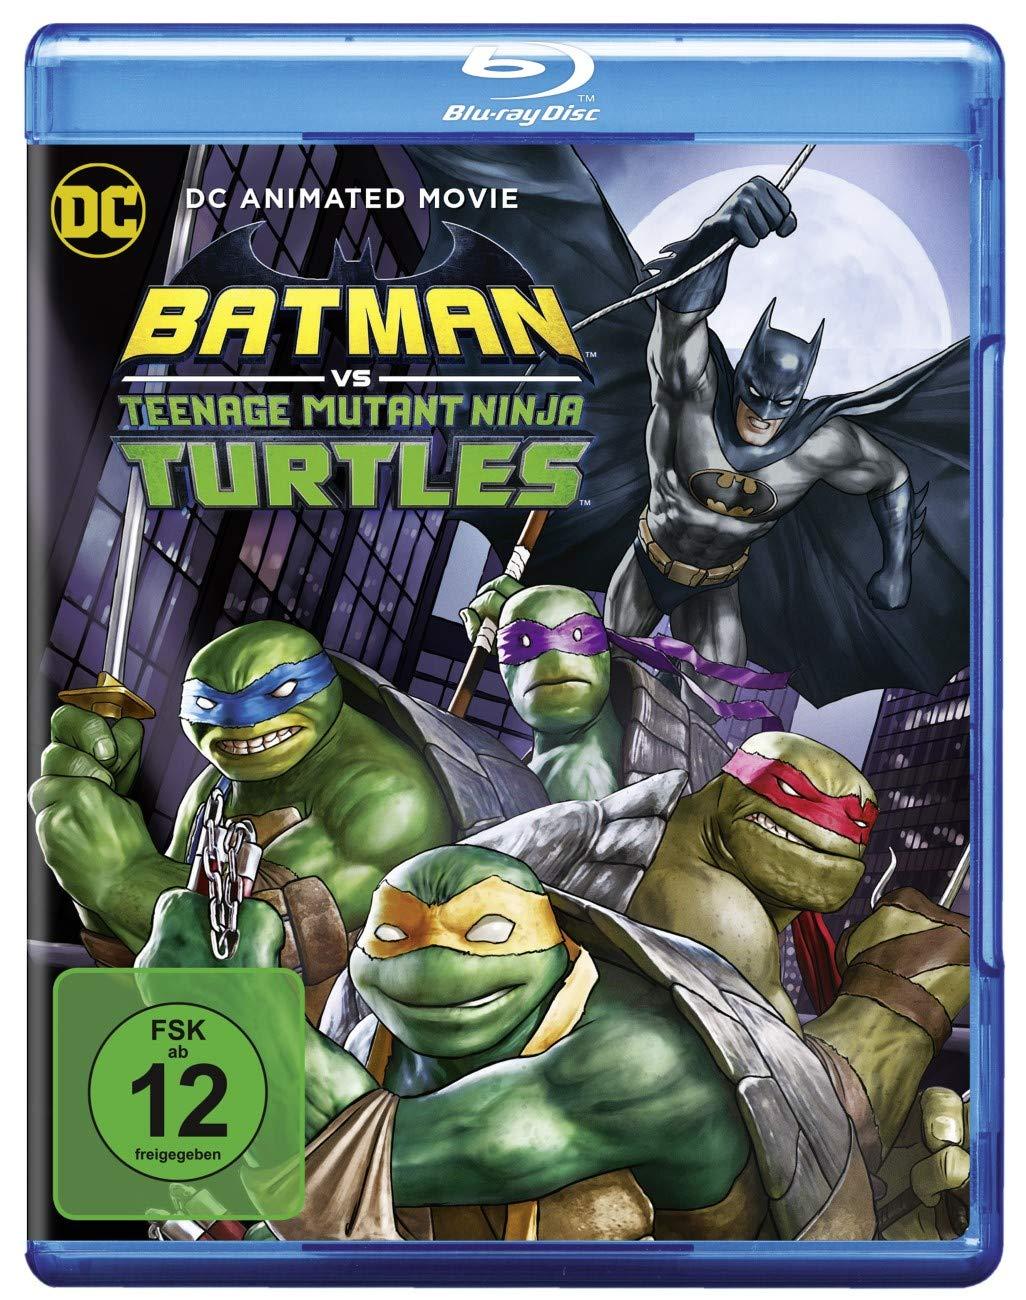 #563 Batman vs. Teenage Mutant Ninja Turtles